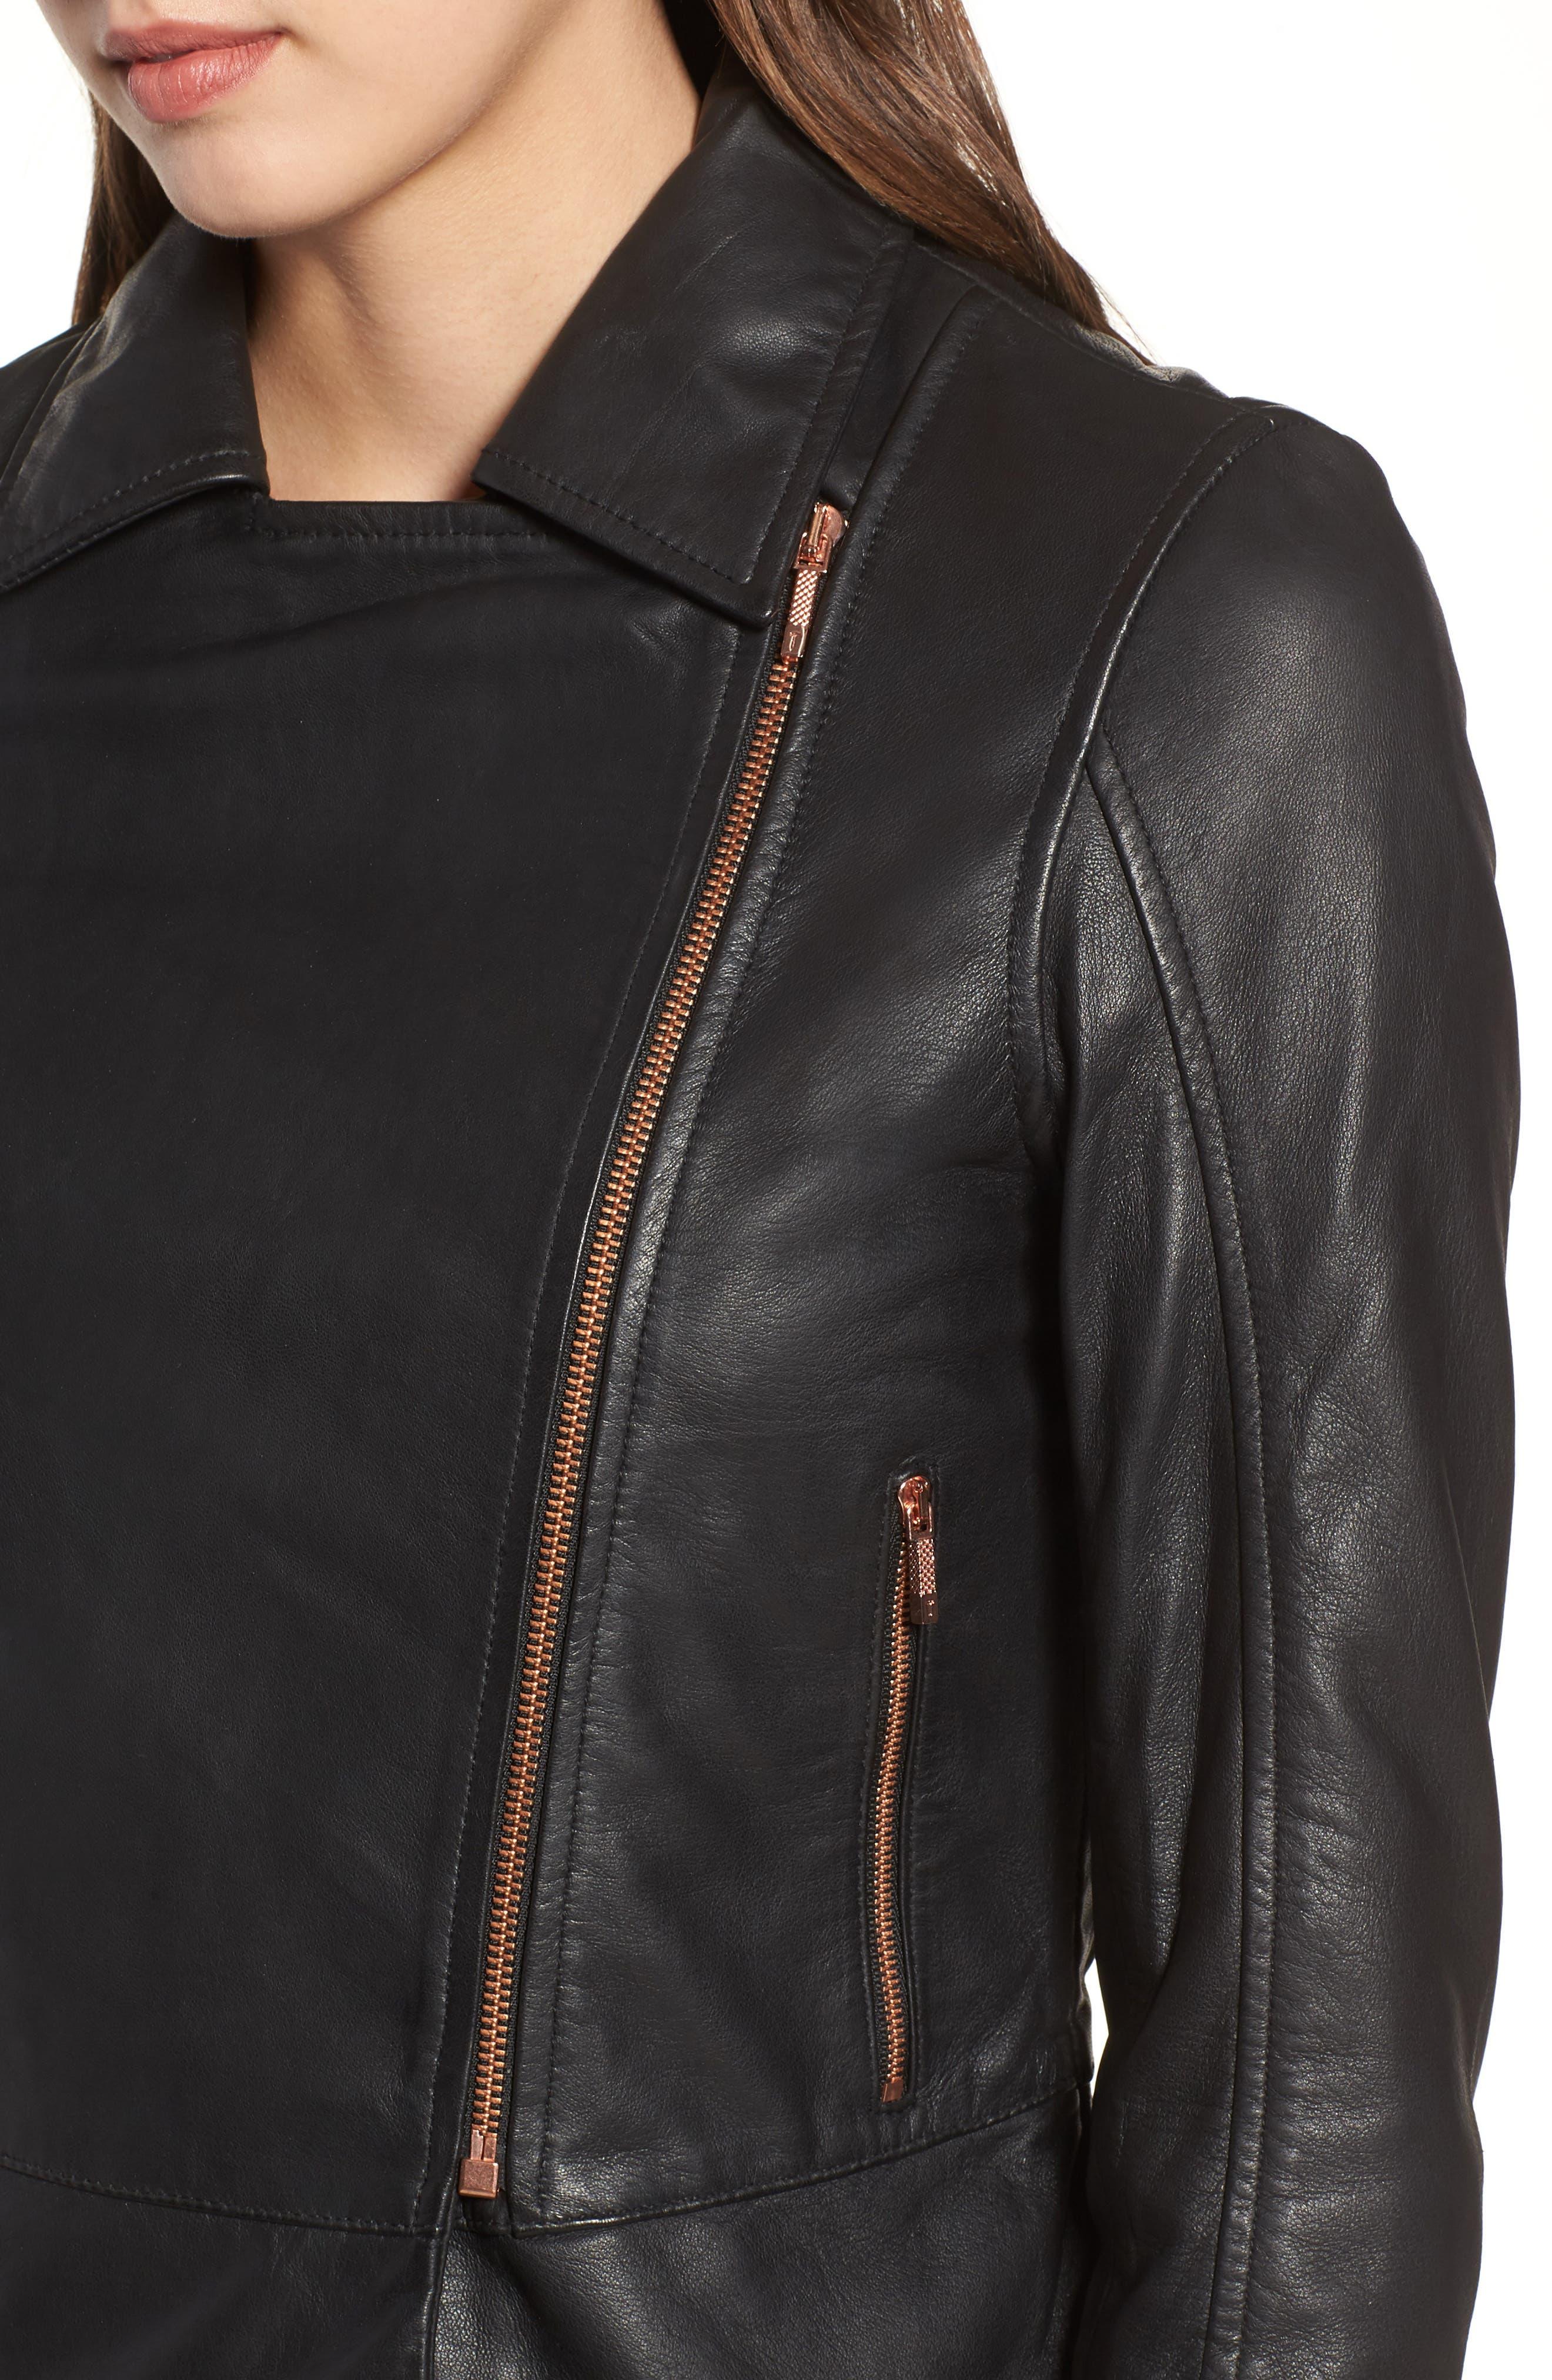 Lizia Leather Biker Jacket,                             Alternate thumbnail 4, color,                             001